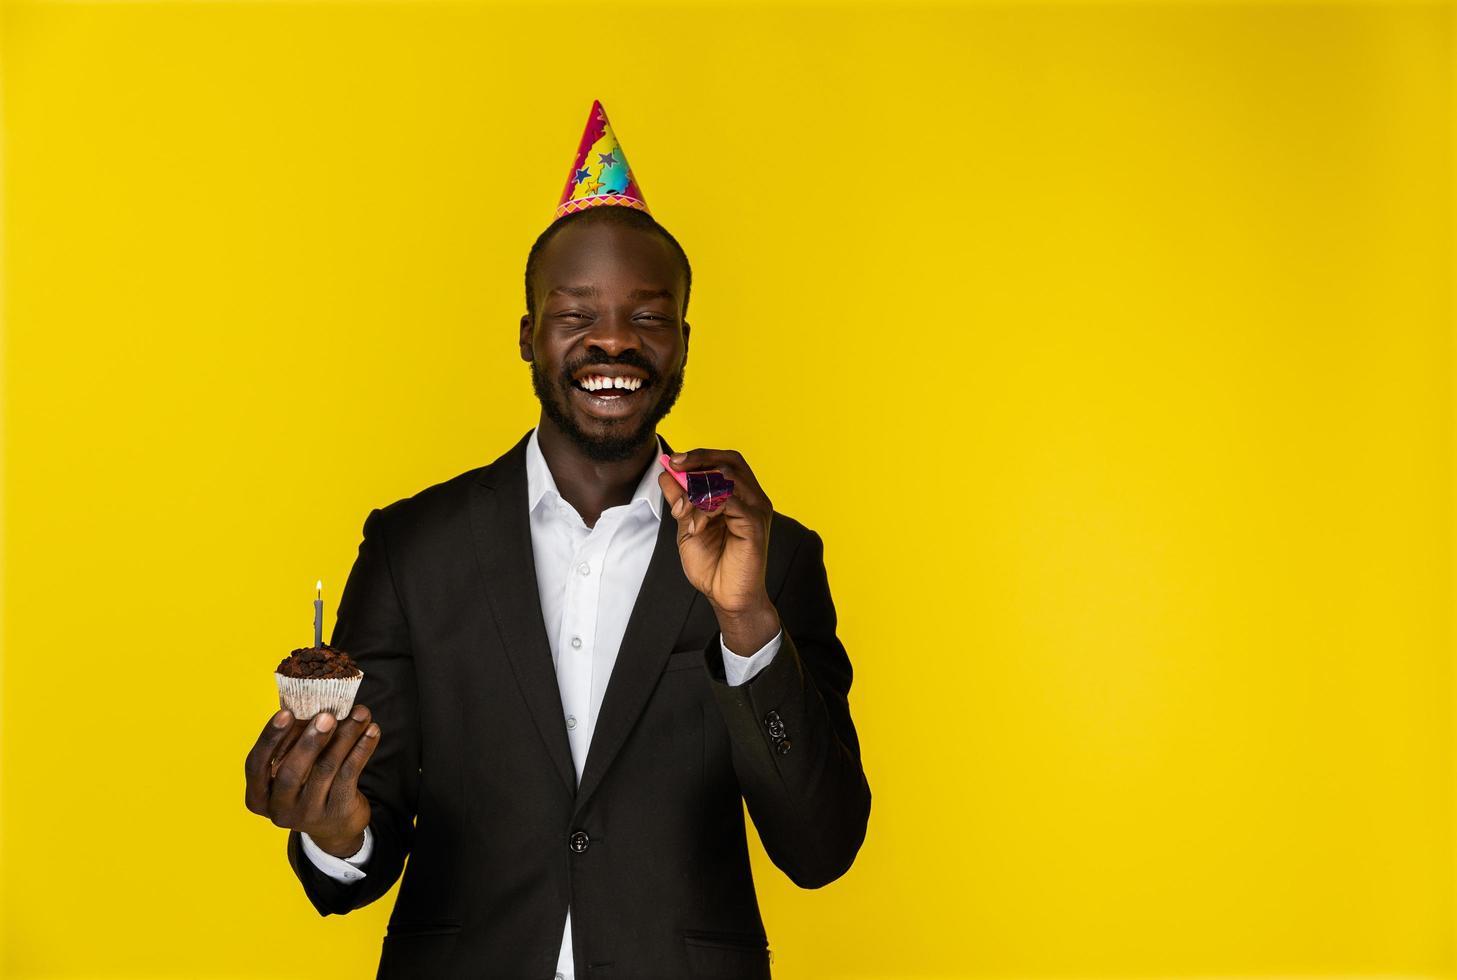 lachend persoon op hun verjaardag foto